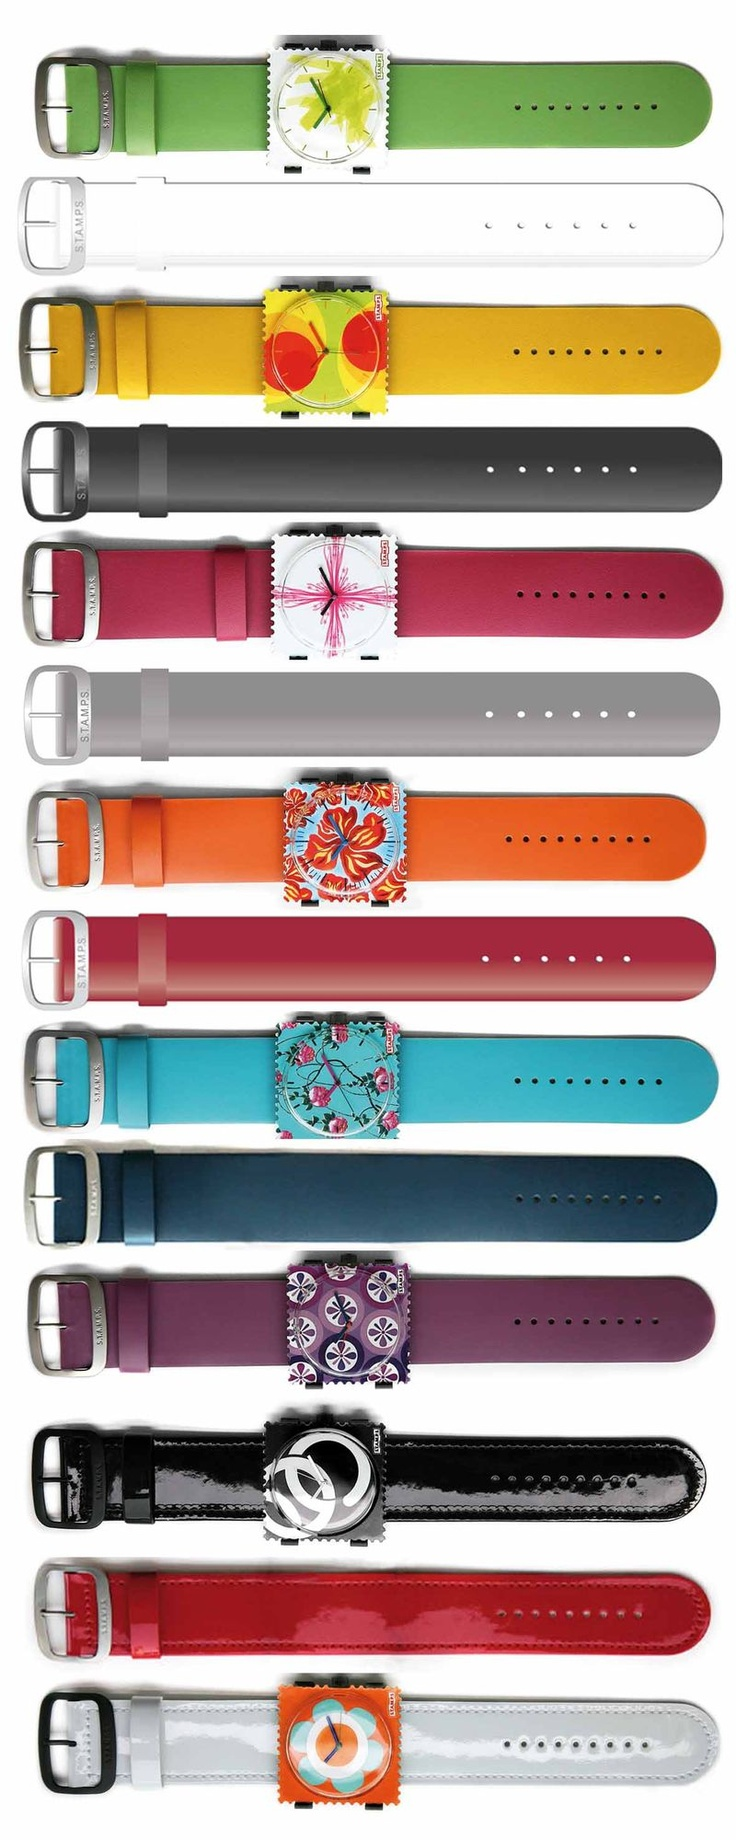 S.T.A.M.P.S. est une montre carrée en forme de timbre, avec au dos un adhésif repositionnable. Elle a l'avantage de s'adapter à tous types de surfaces (plastique, verre, bois, métal…) et d'être repositionnable à l'infini. Et comme toutes les montres, elle peut aussi se porter au poignet.    C'est vous qui choisissez le cadran et la couleur du bracelet.